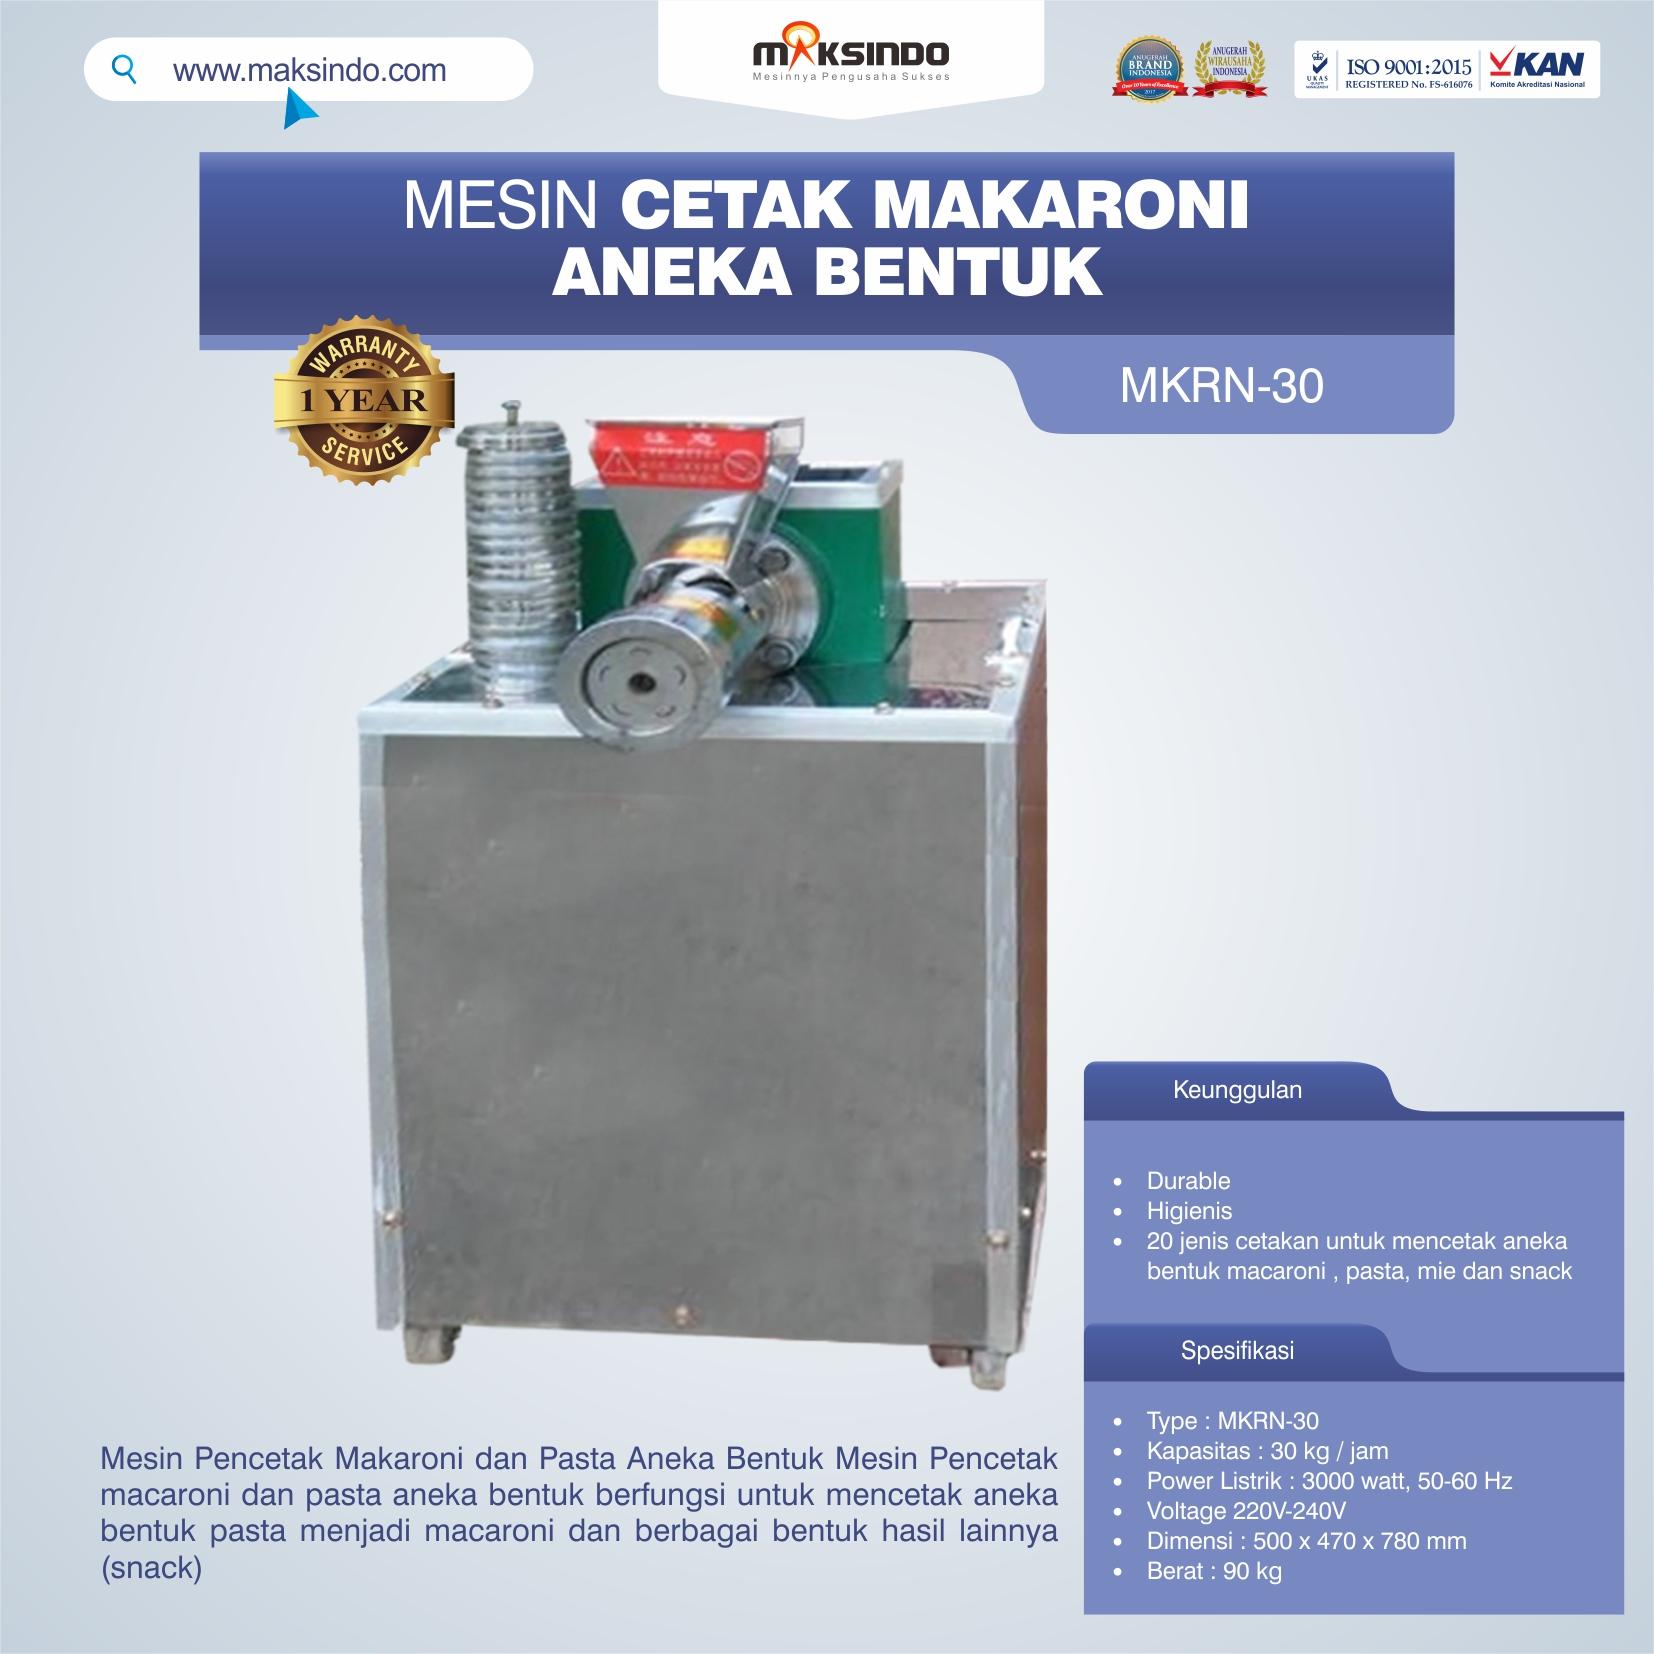 Jual Mesin Cetak Makaroni Aneka Bentuk di Palembang